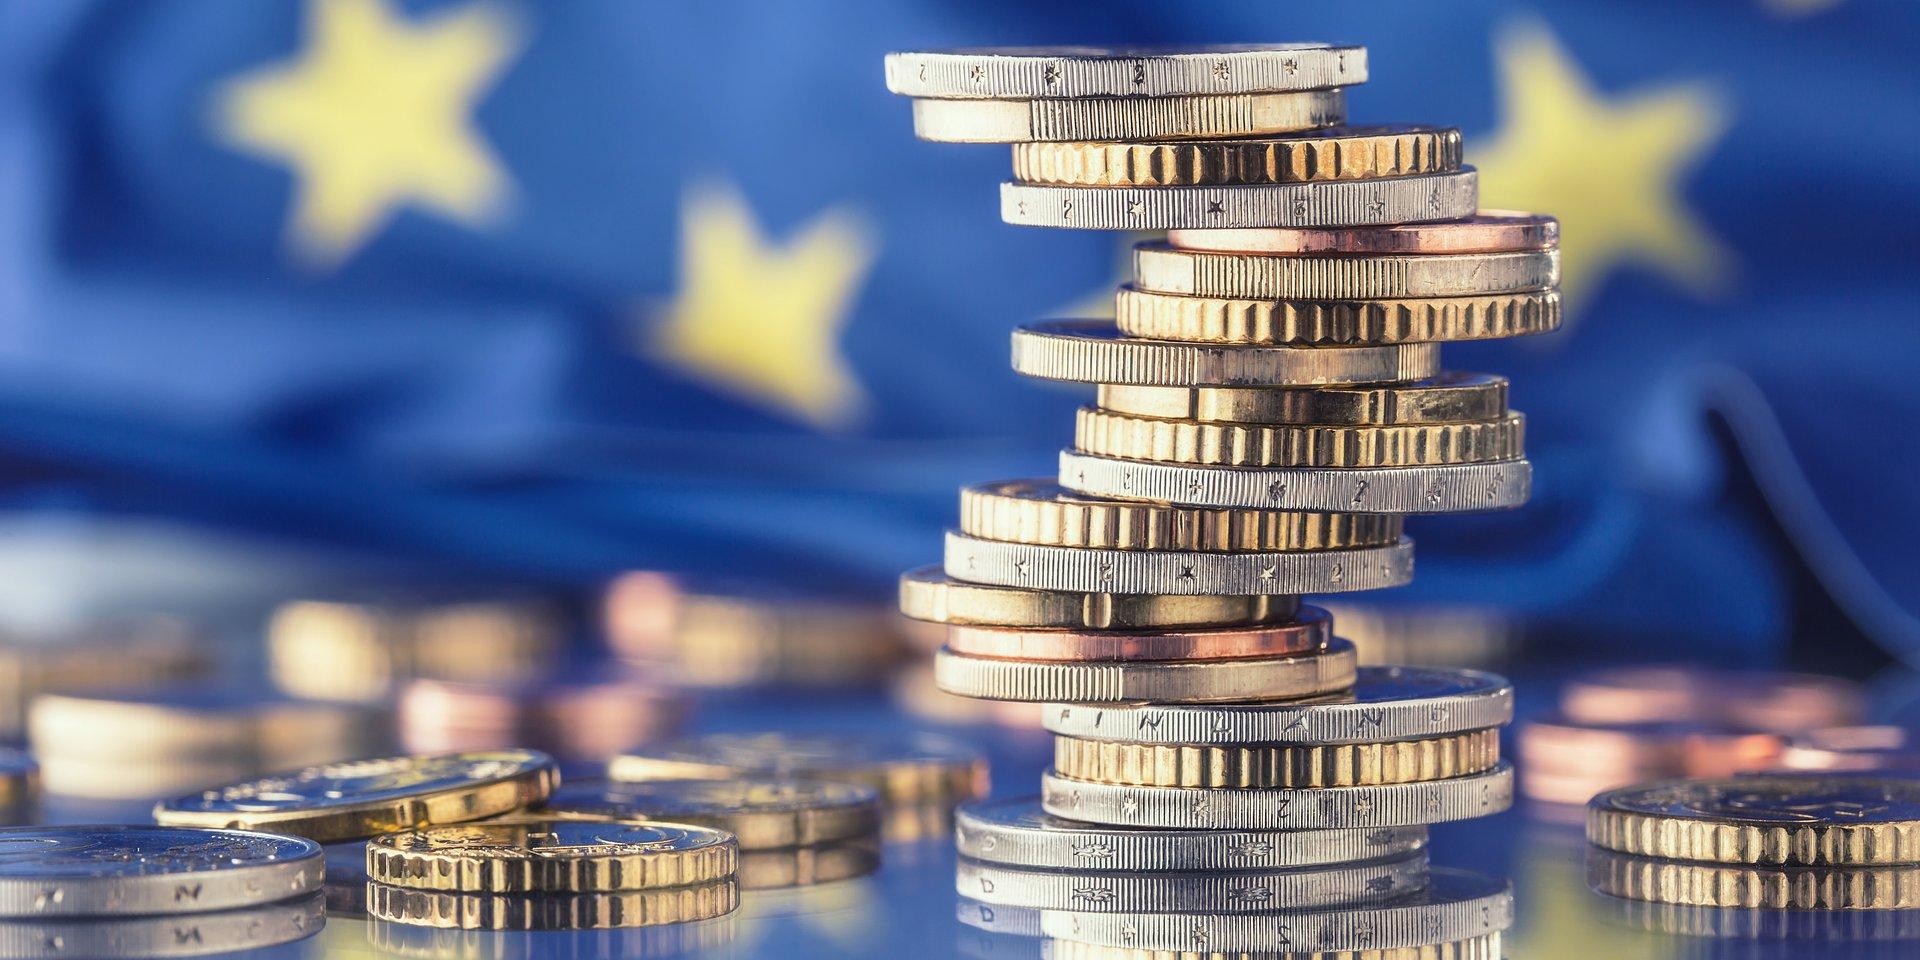 [Tarcza finansowa] Bezzwrotna dotacja z Tarczy finansowej dla mikroprzedsiębiorców